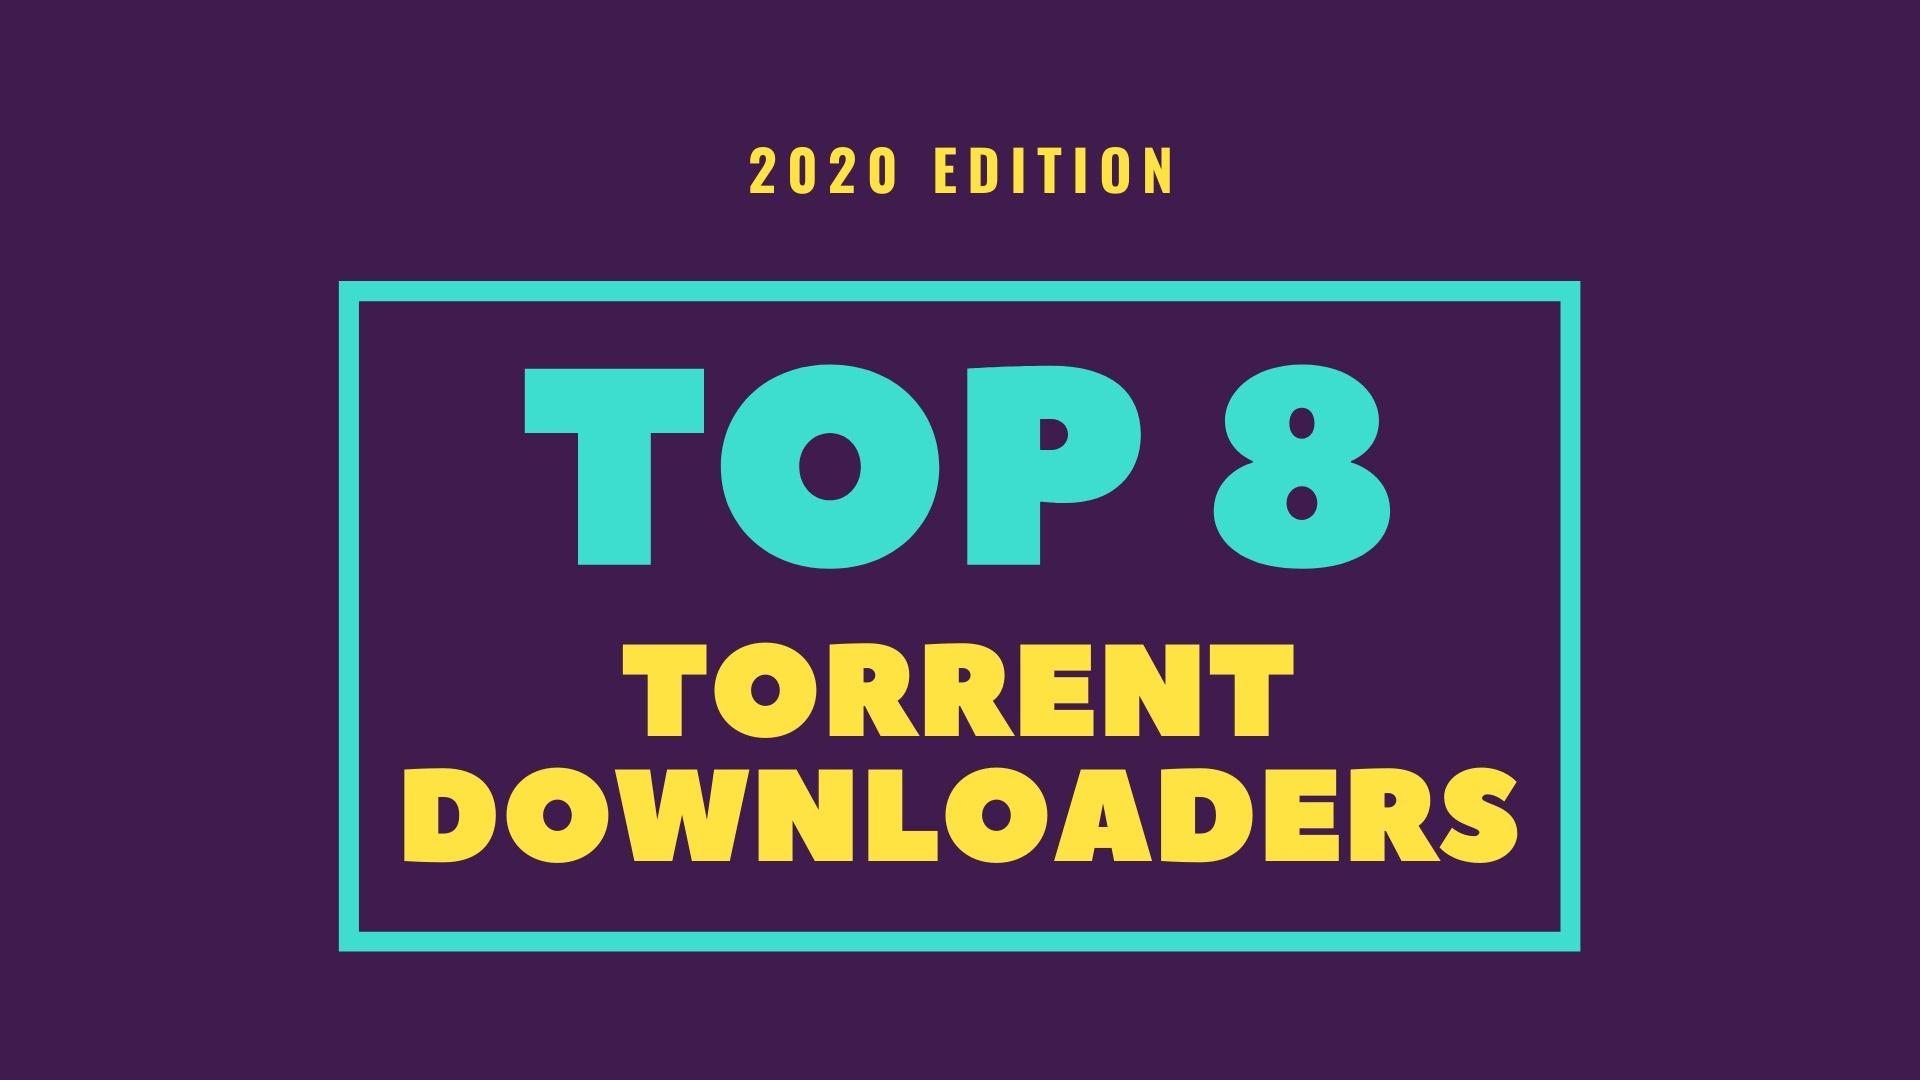 Torrent download windows 7